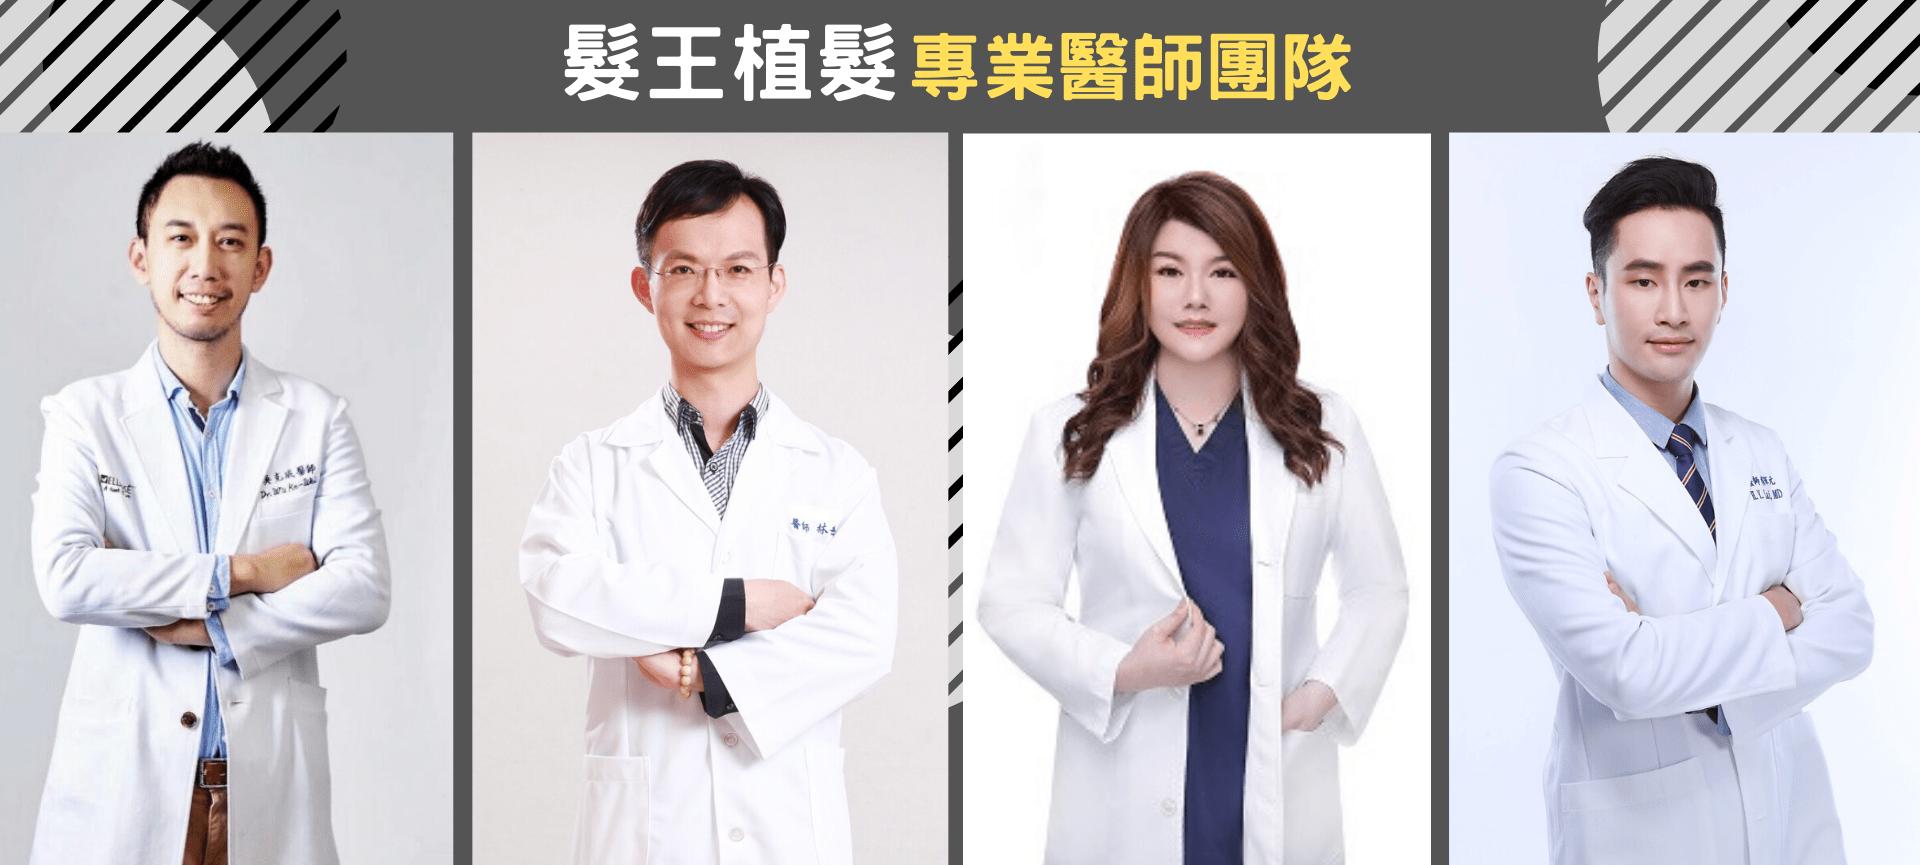 專業醫師團隊